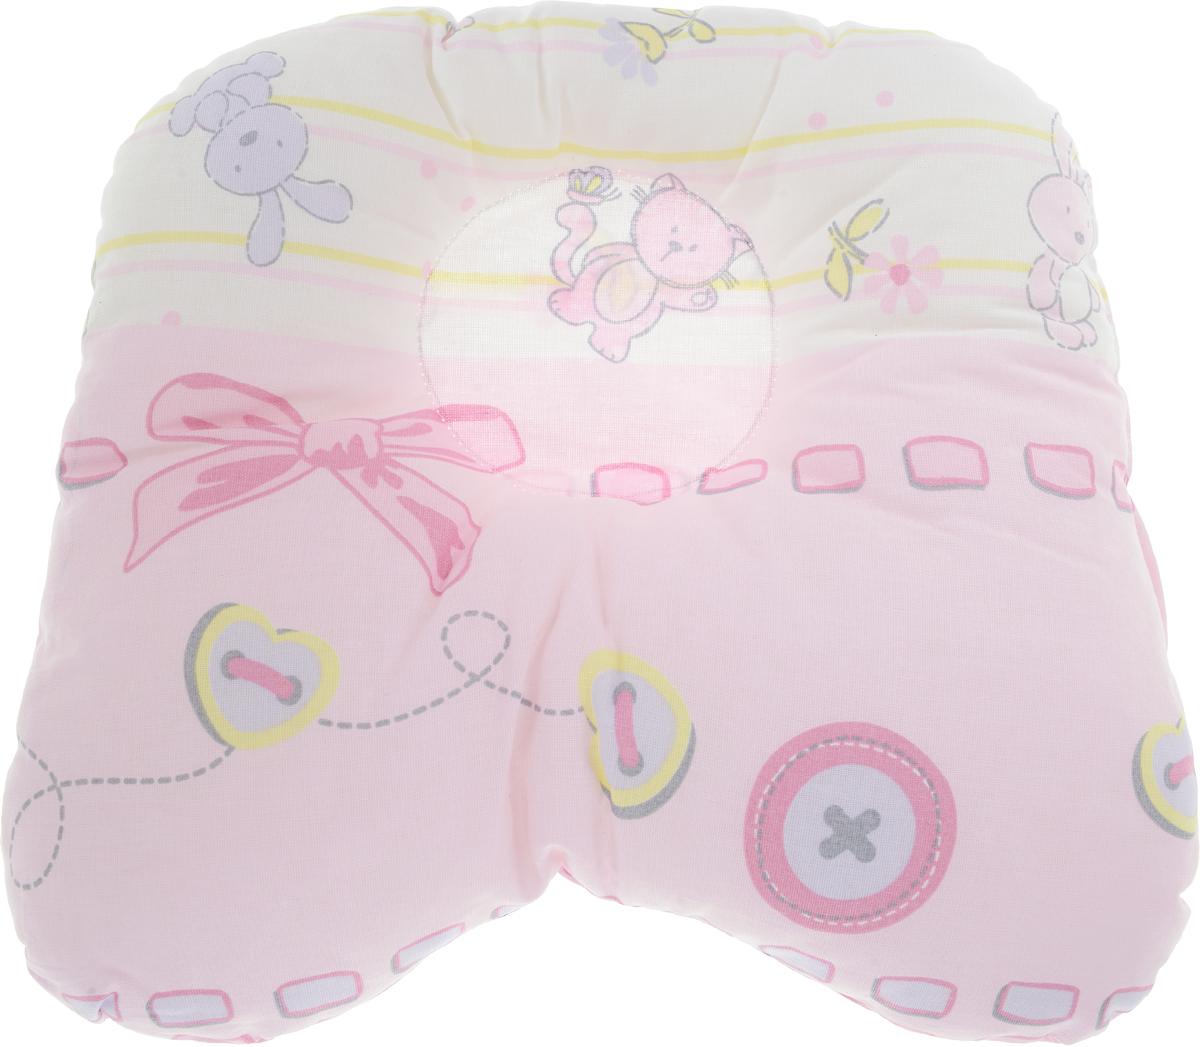 Сонный гномик Подушка анатомическая для младенцев Заяц и кот цвет розовый 27 х 27 см555А_розовый, пуговицаАнатомическая подушка для младенцев Сонный гномик Заяц и кот компактна и удобна для пеленания малыша и кормления на руках, она также незаменима для сна ребенка в кроватке и комфортна для использования в коляске на прогулке. Углубление в подушке фиксирует правильное положение головы ребенка. Подушка помогает правильному формированию шейного отдела позвоночника.